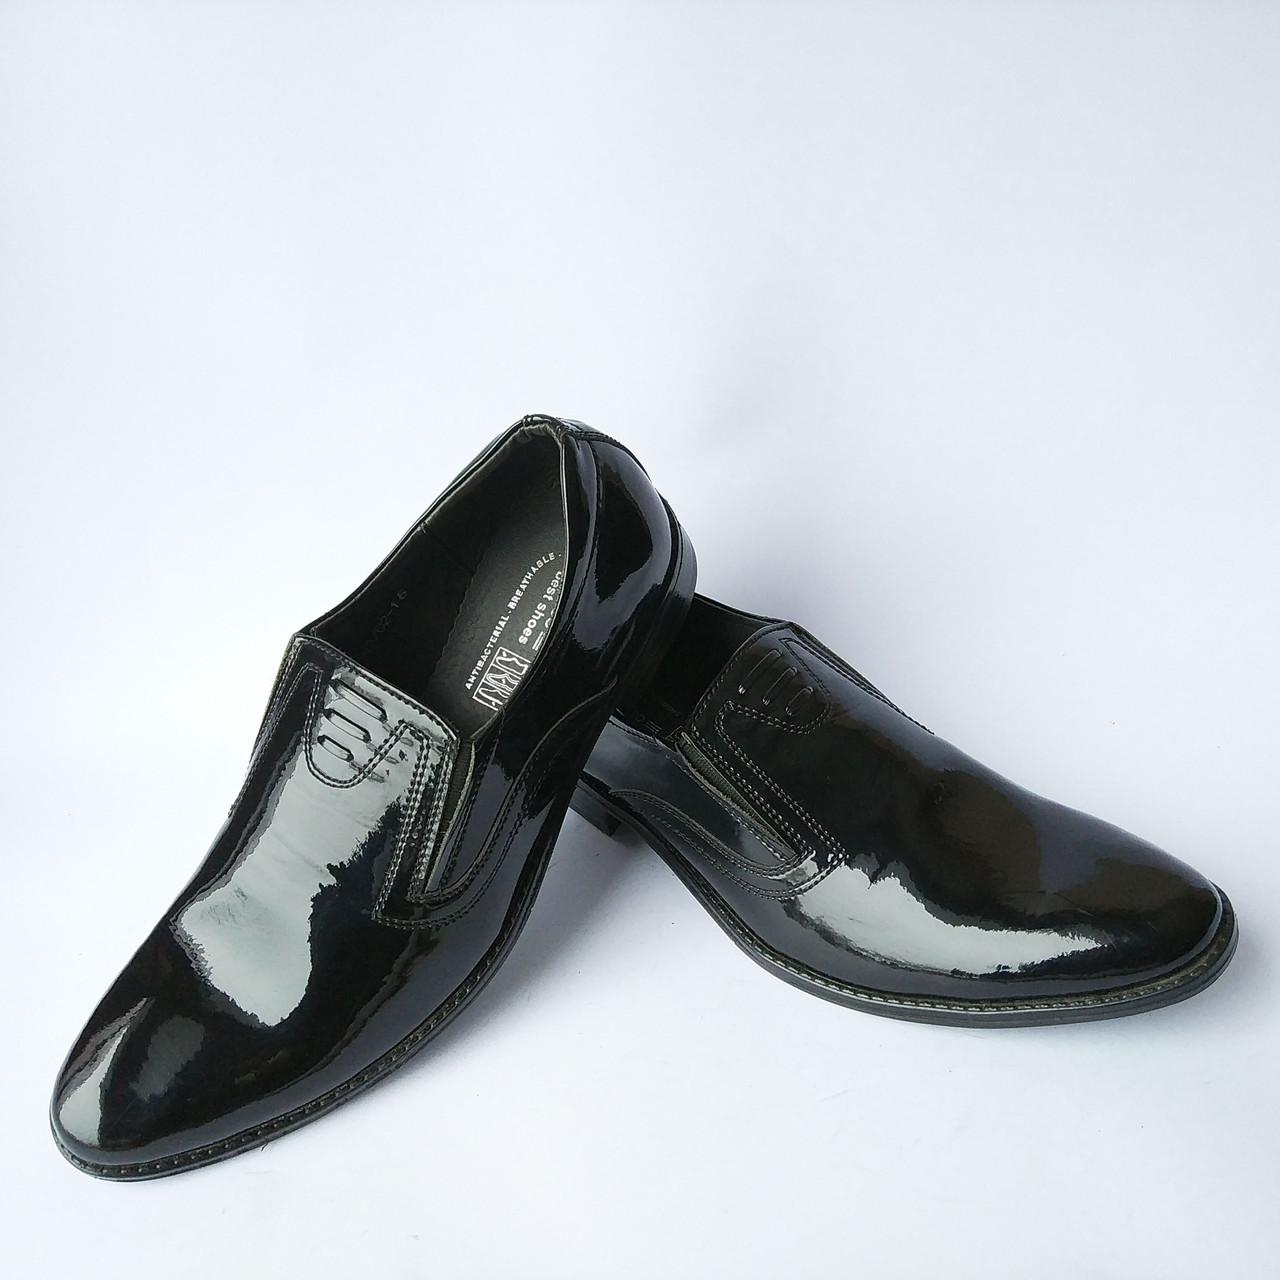 db56cd58a6dc Мужская обувь украинских производителей Corso   классические лаковые туфли,  черного цвета, под ложку -